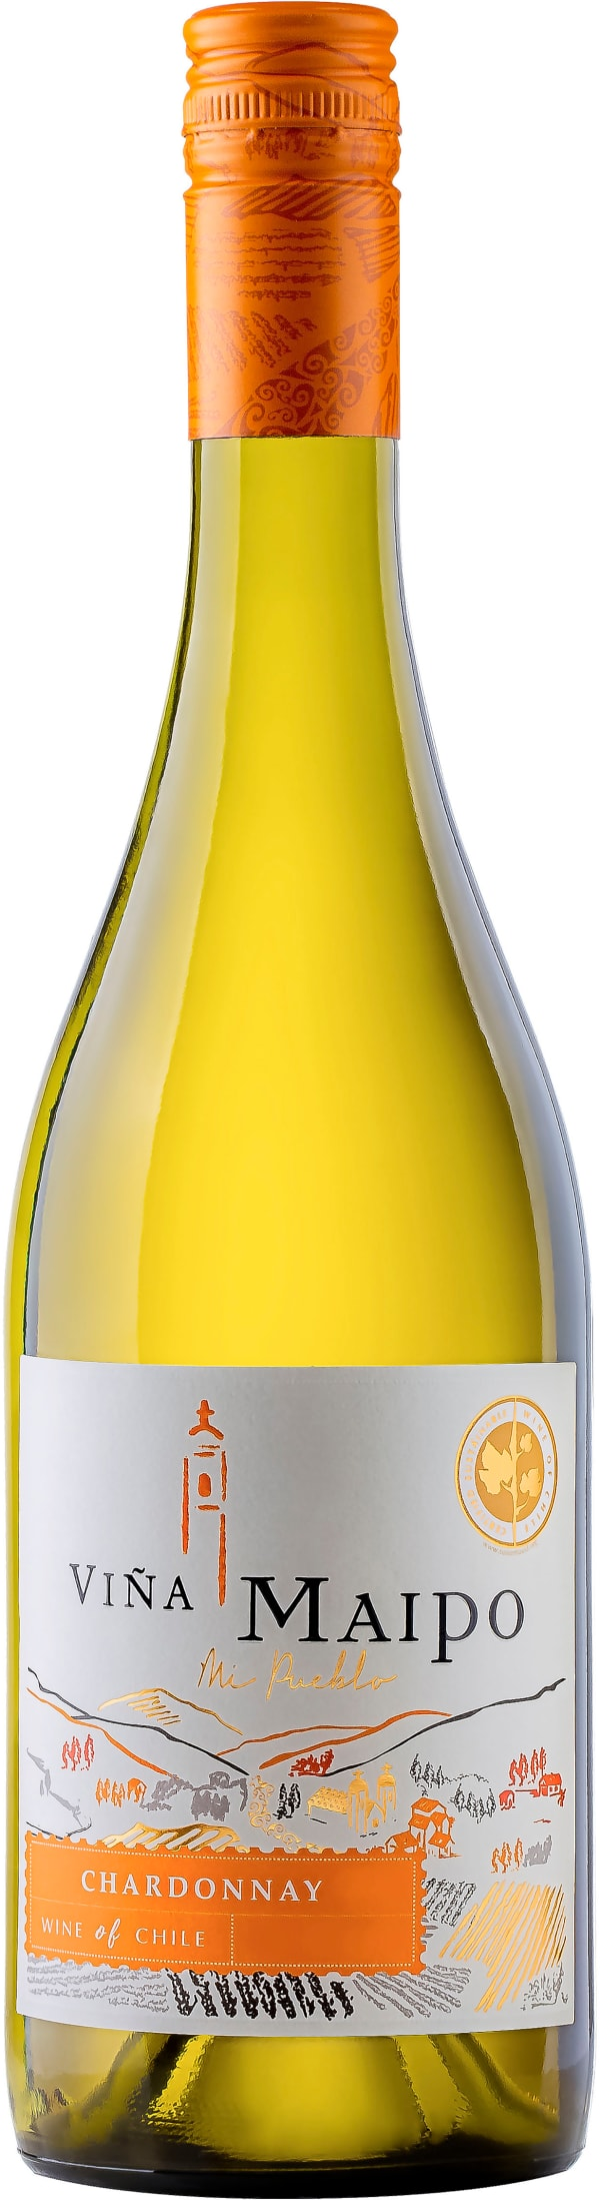 Viña Maipo Chardonnay 2019